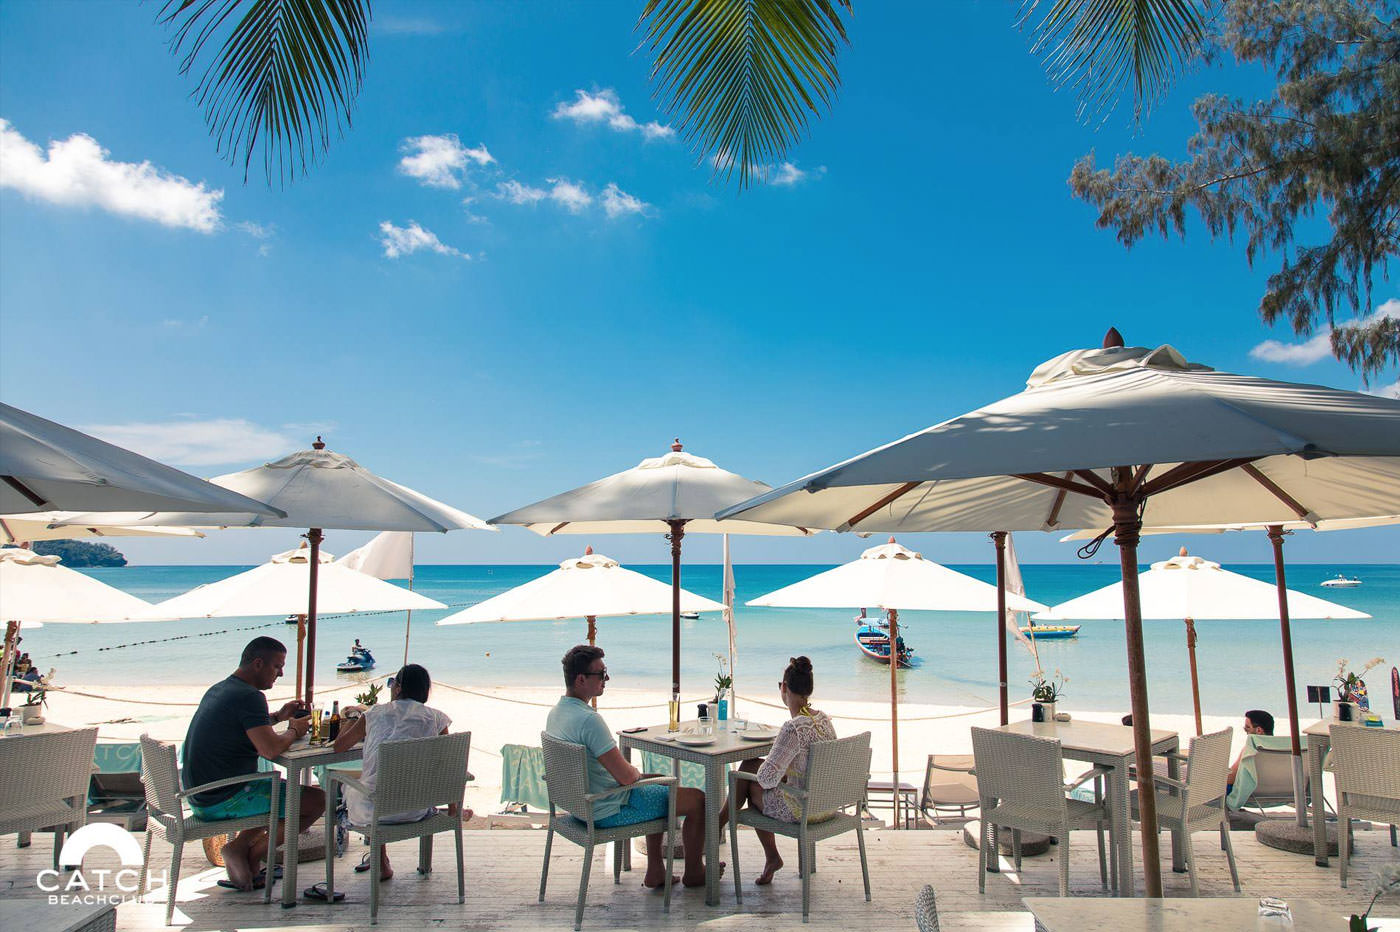 catch-beach-club-view.jpg